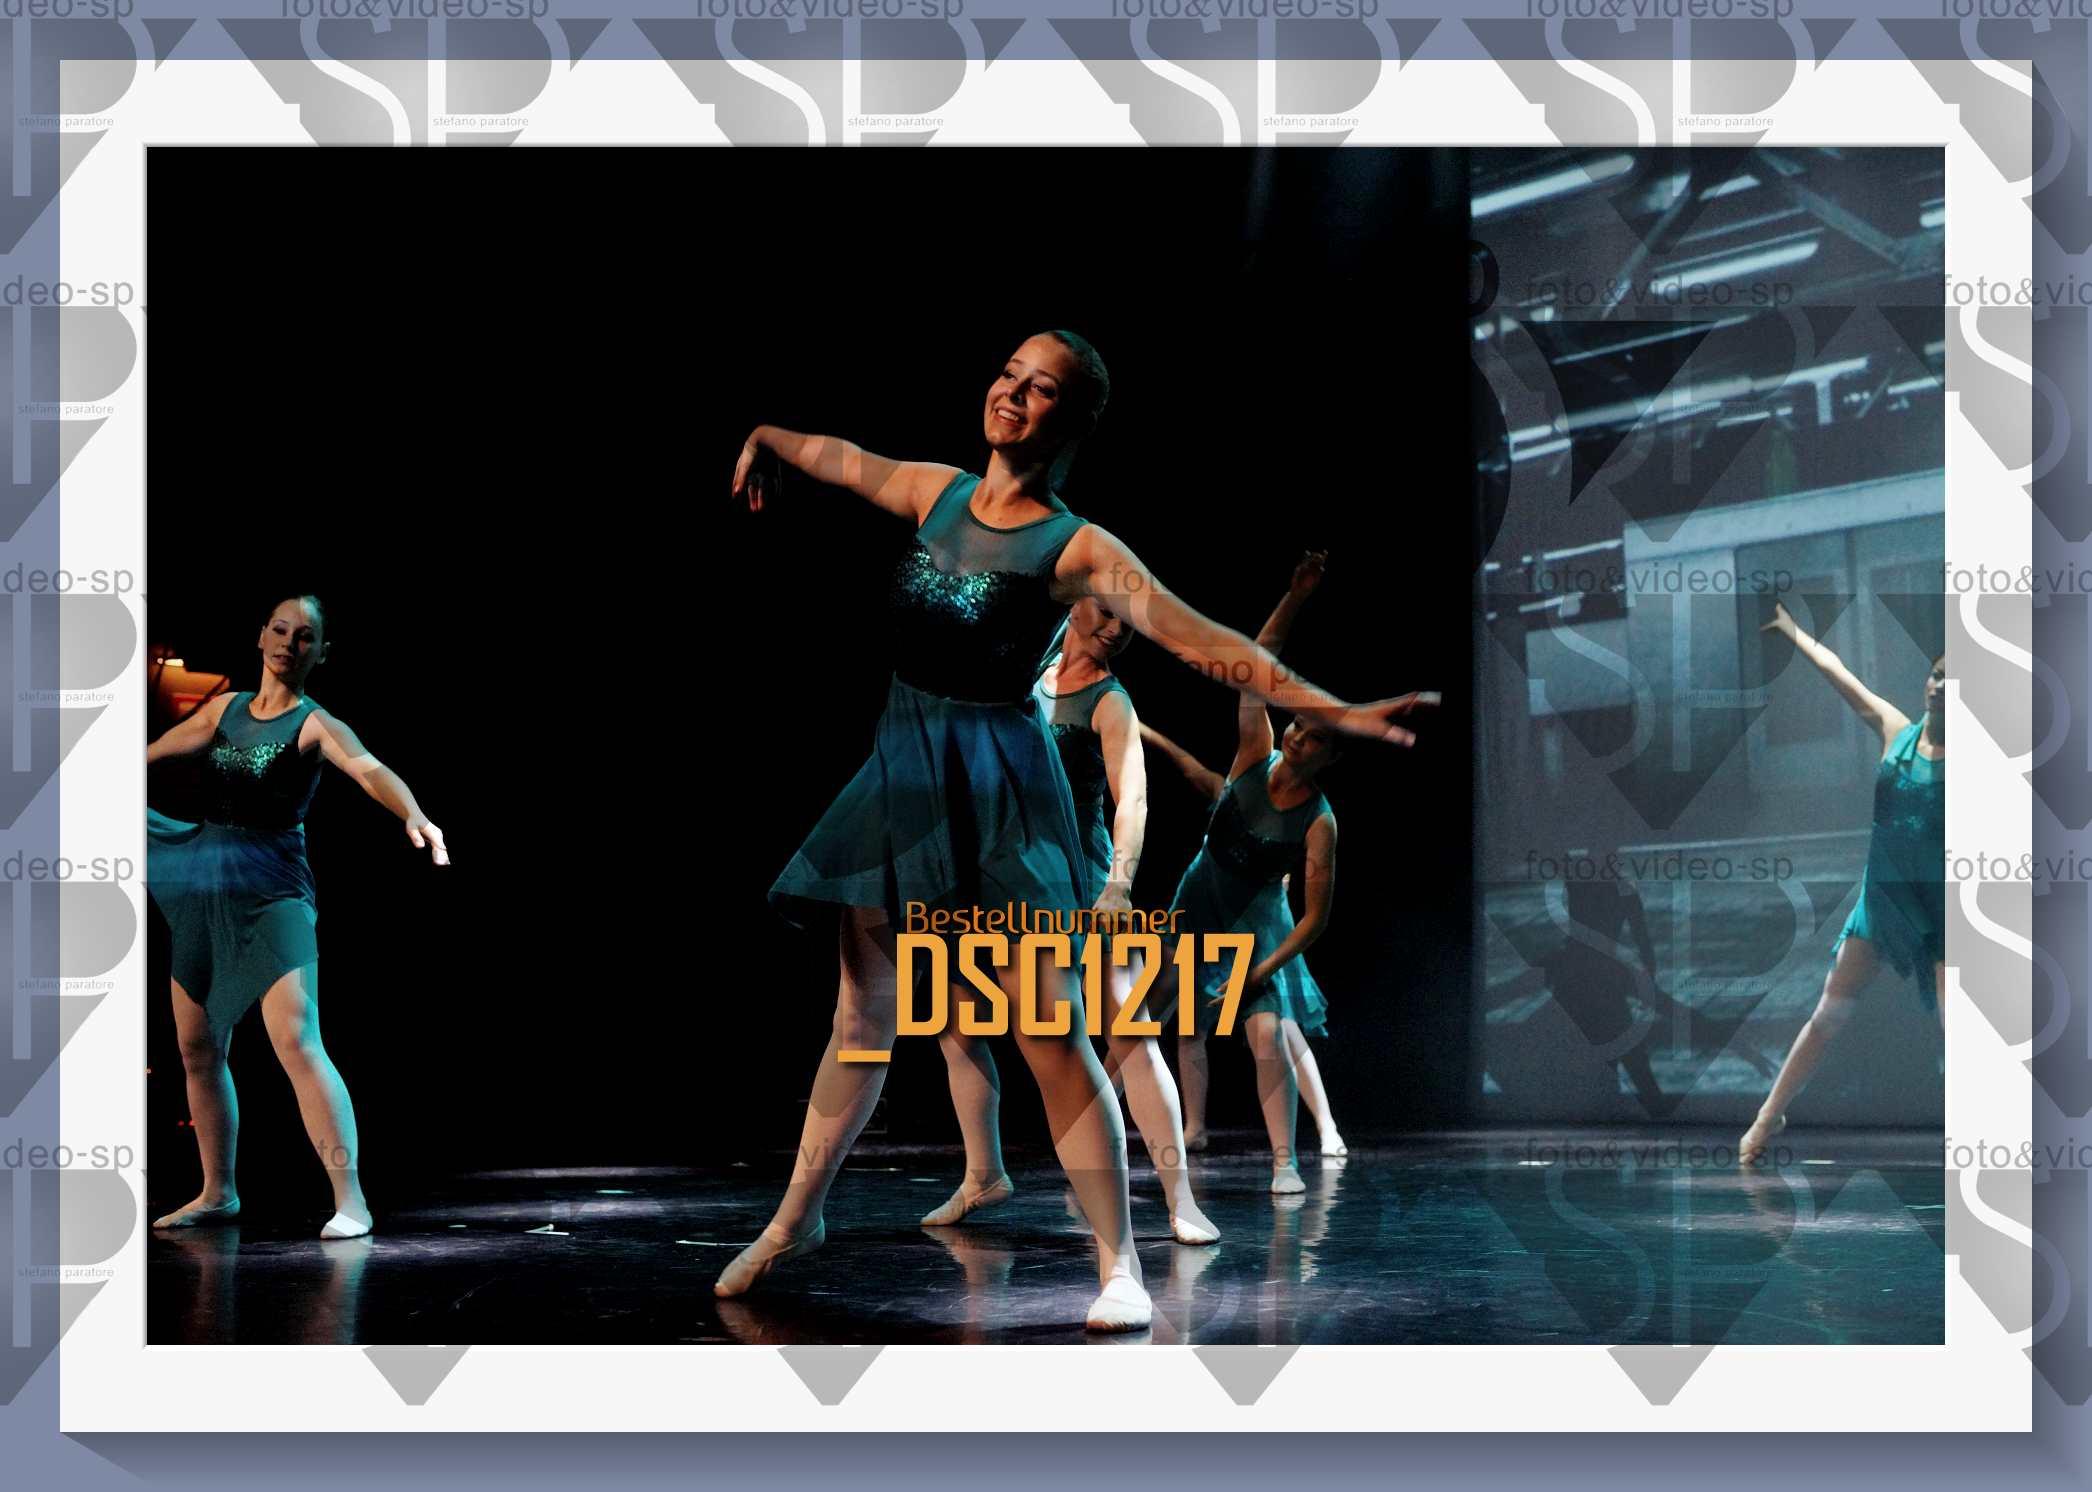 DSC1217